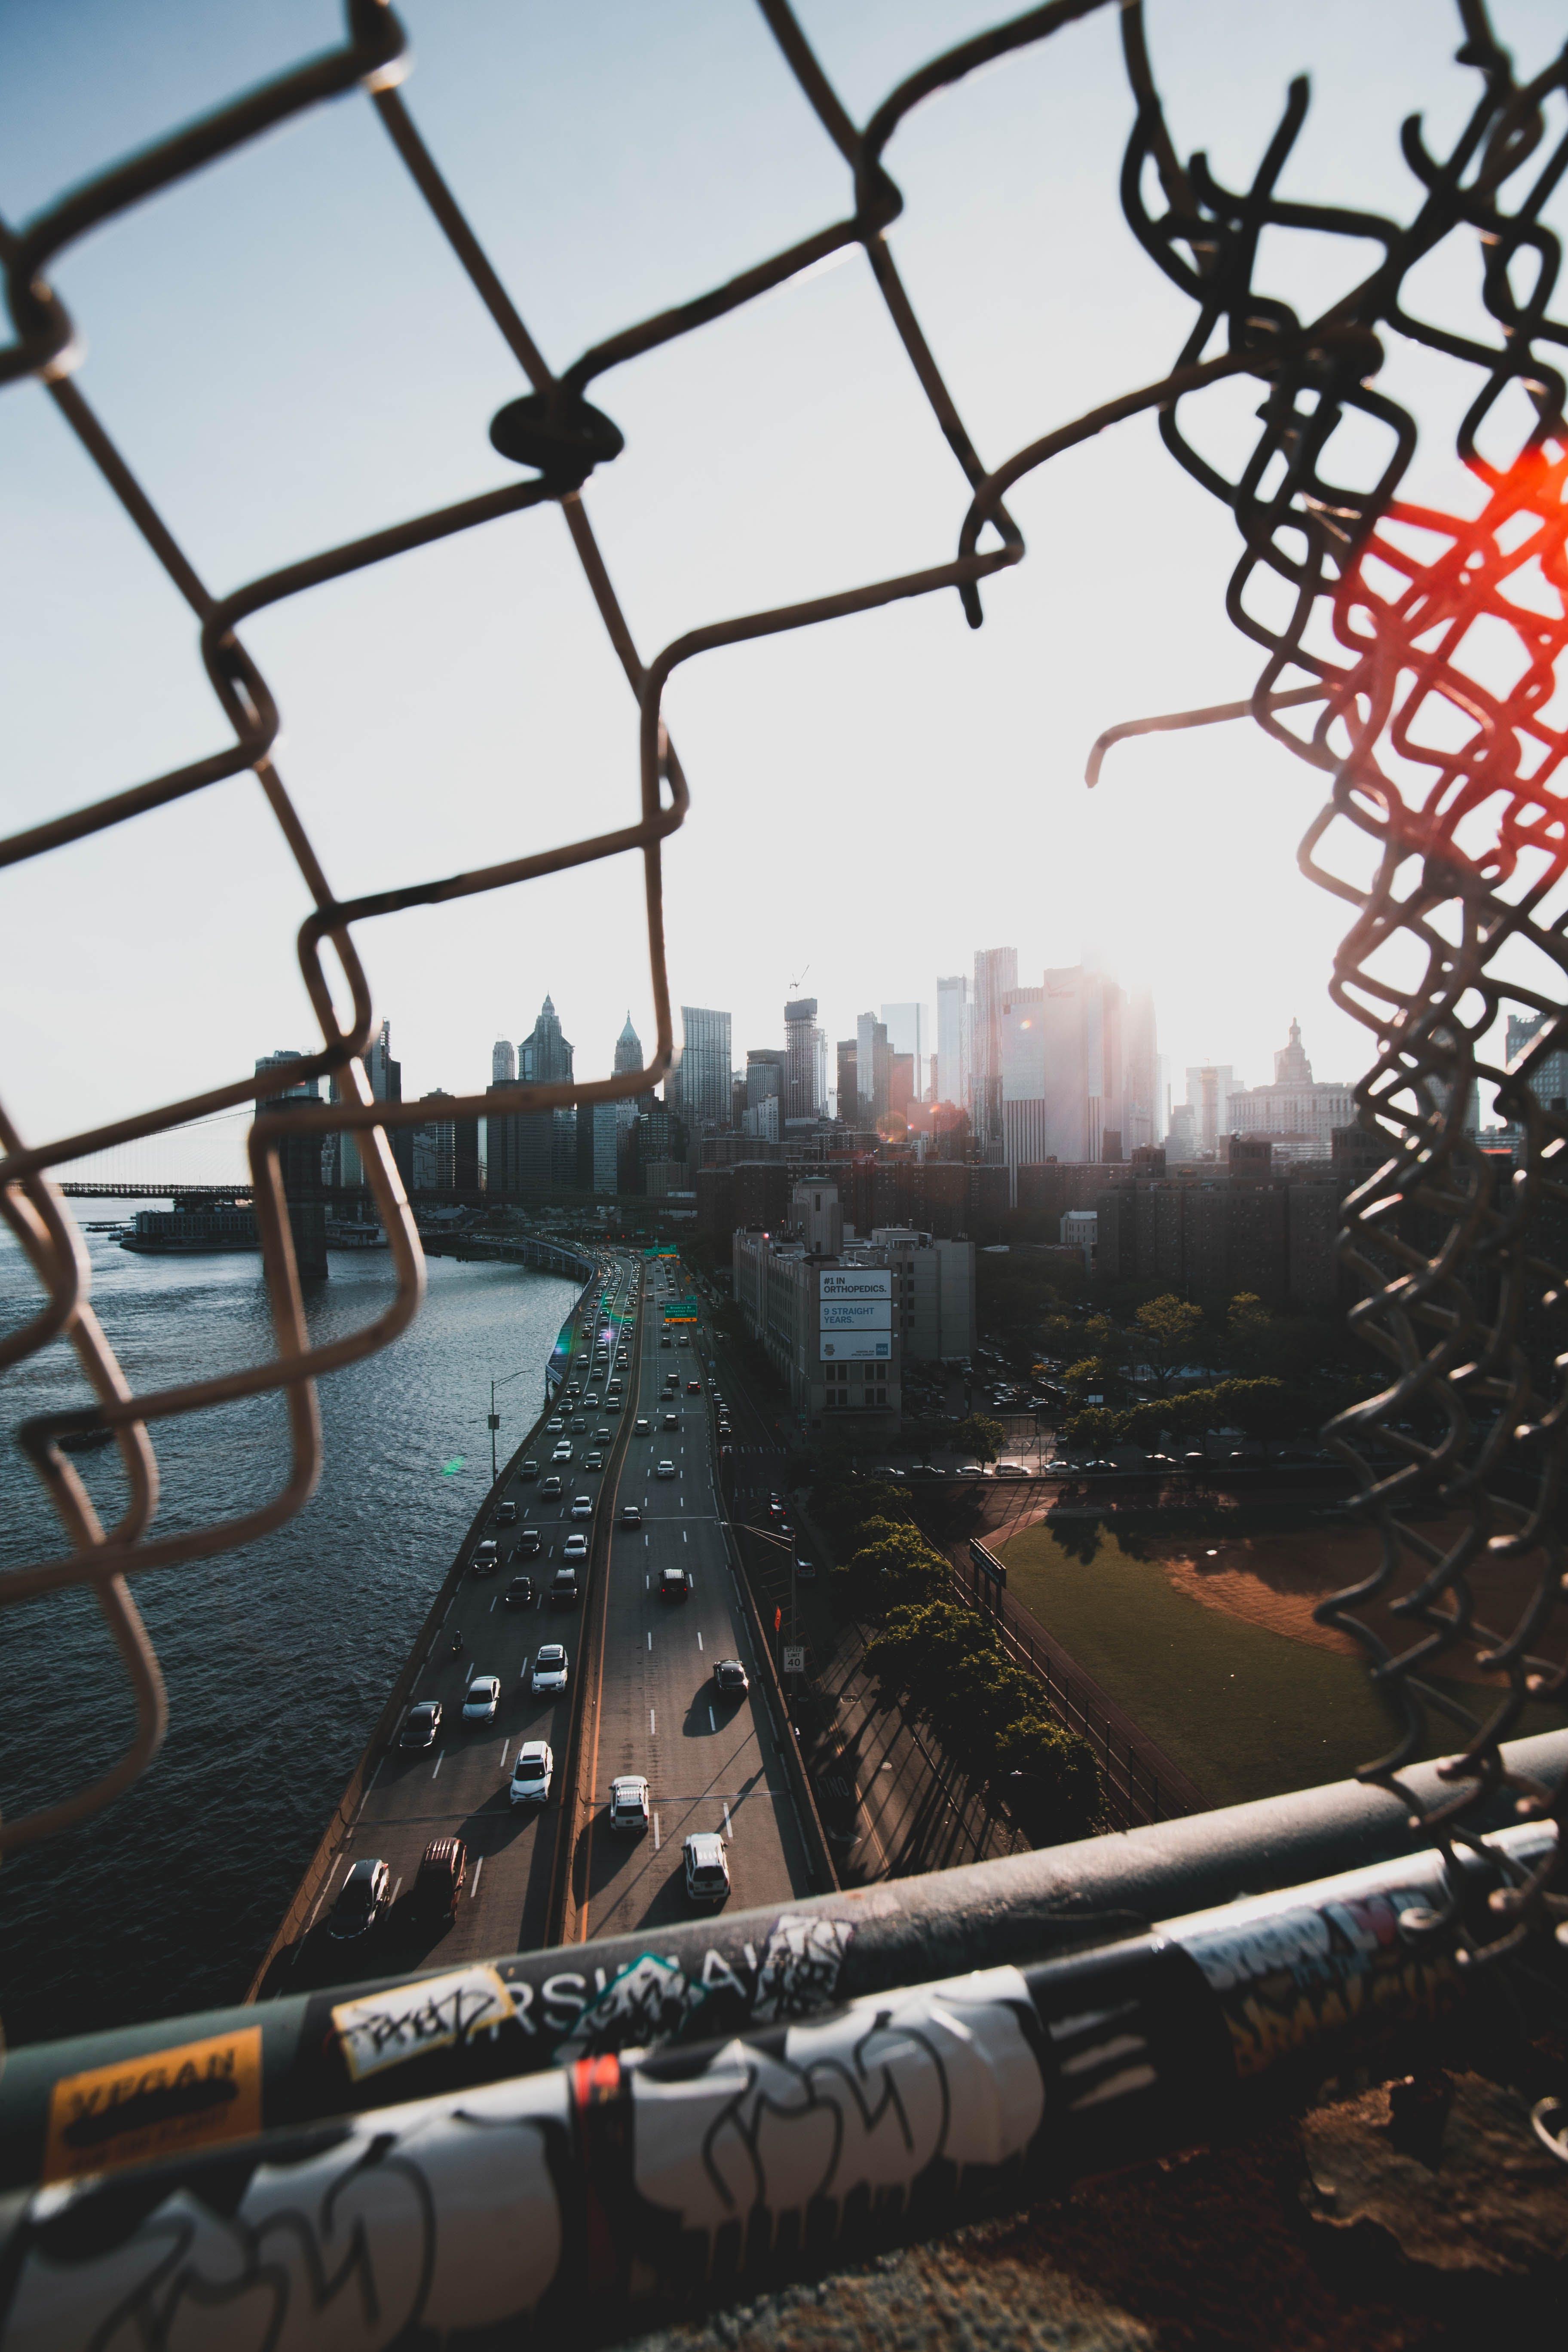 강철, 건축, 다리미, 도시의 무료 스톡 사진